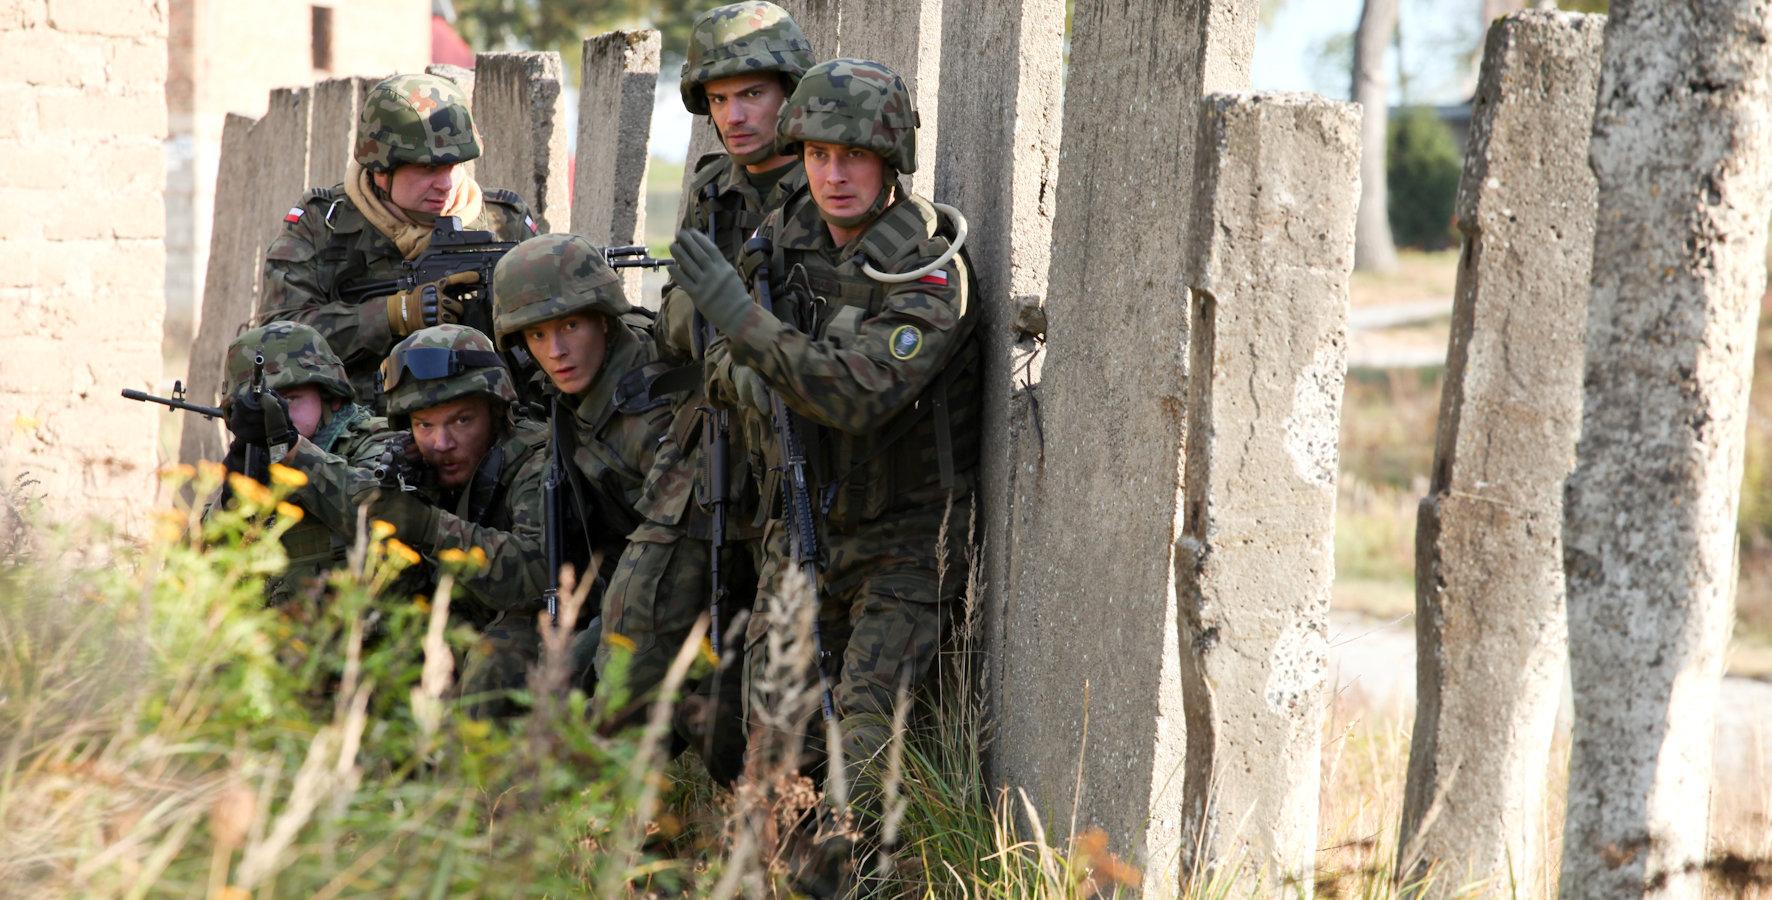 Życie polskich żołnierzy w Afganistanie, skrywająca sekrety społeczność australijskiego pustkowia i wymykająca się stereotypom detektyw – wrześniowe premiery serialowe w Ale kino+